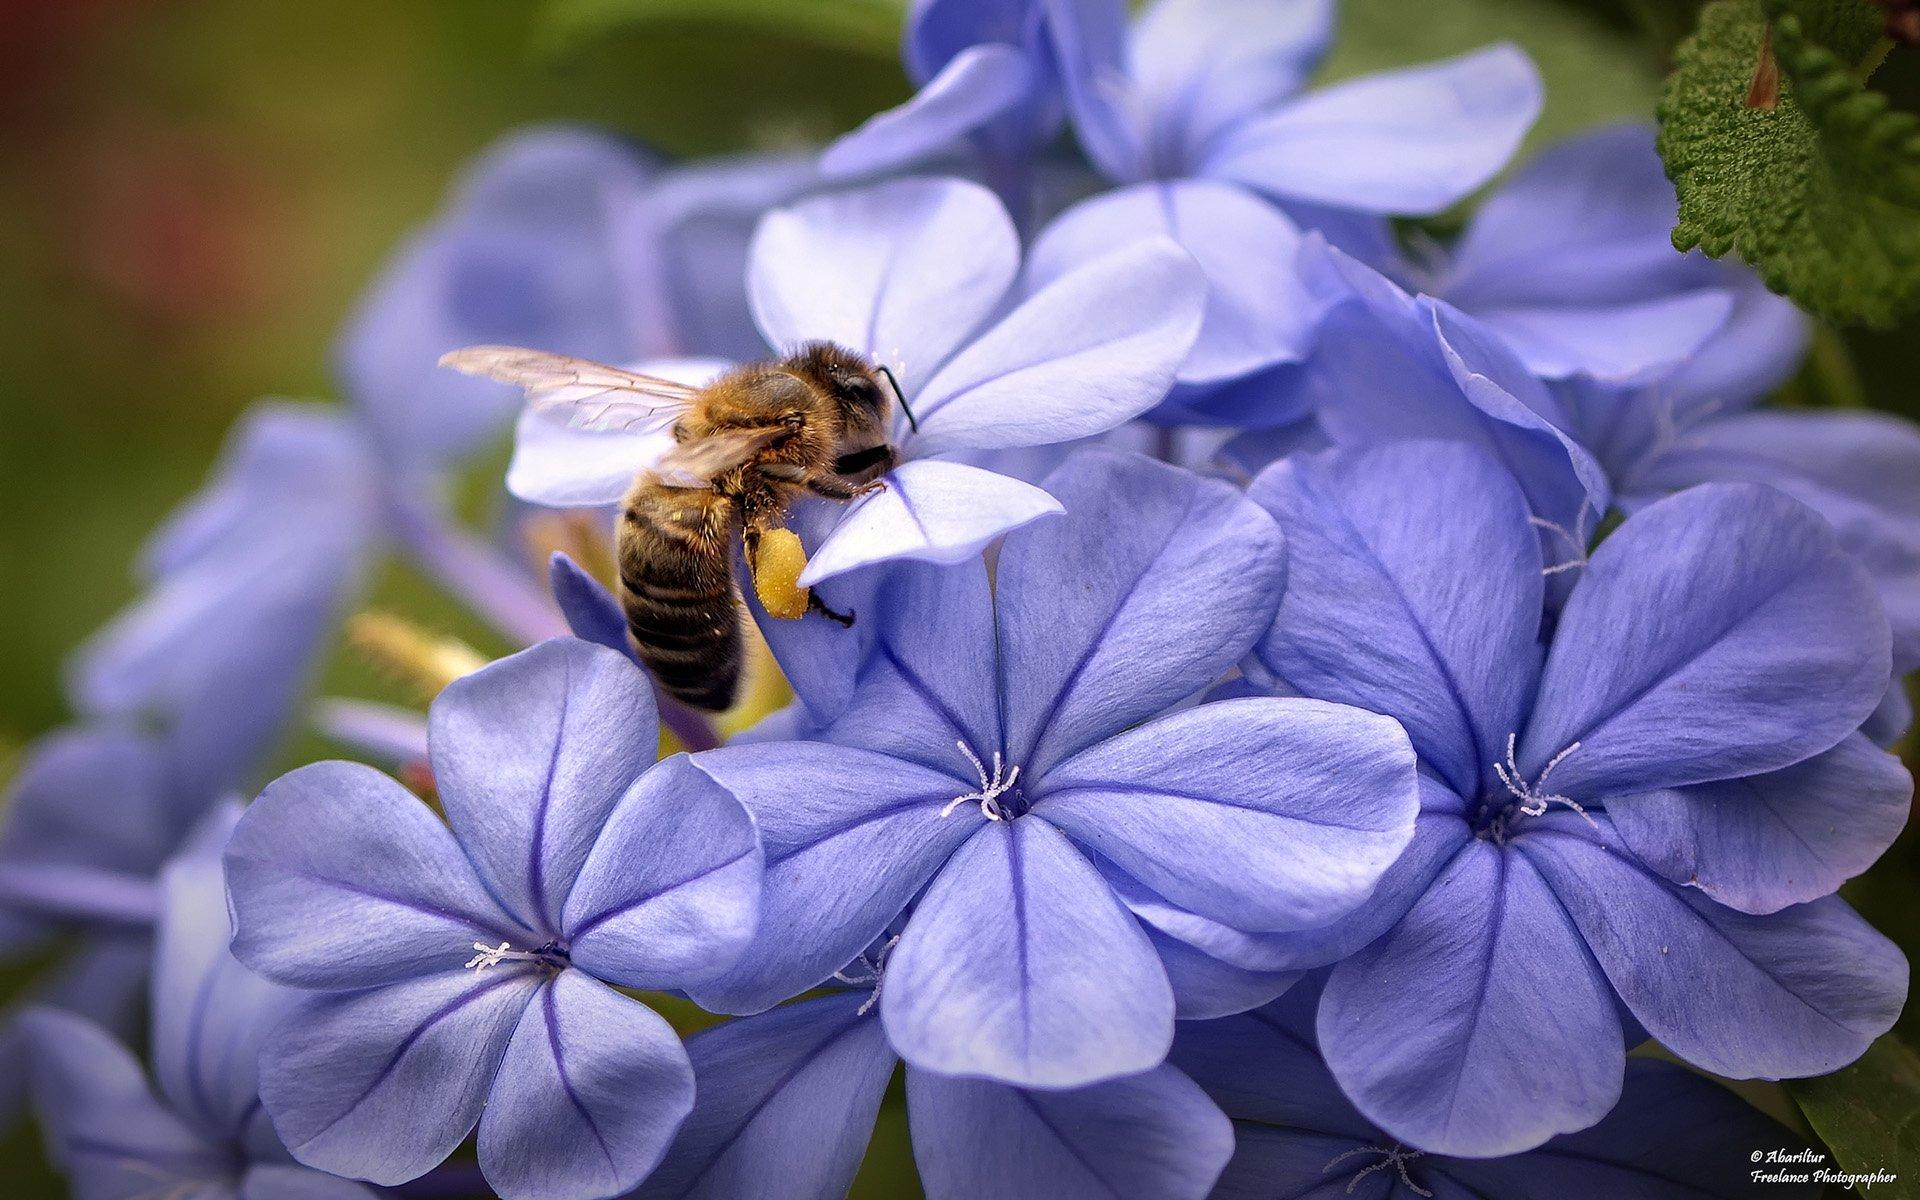 plumbago üzerindeki arı